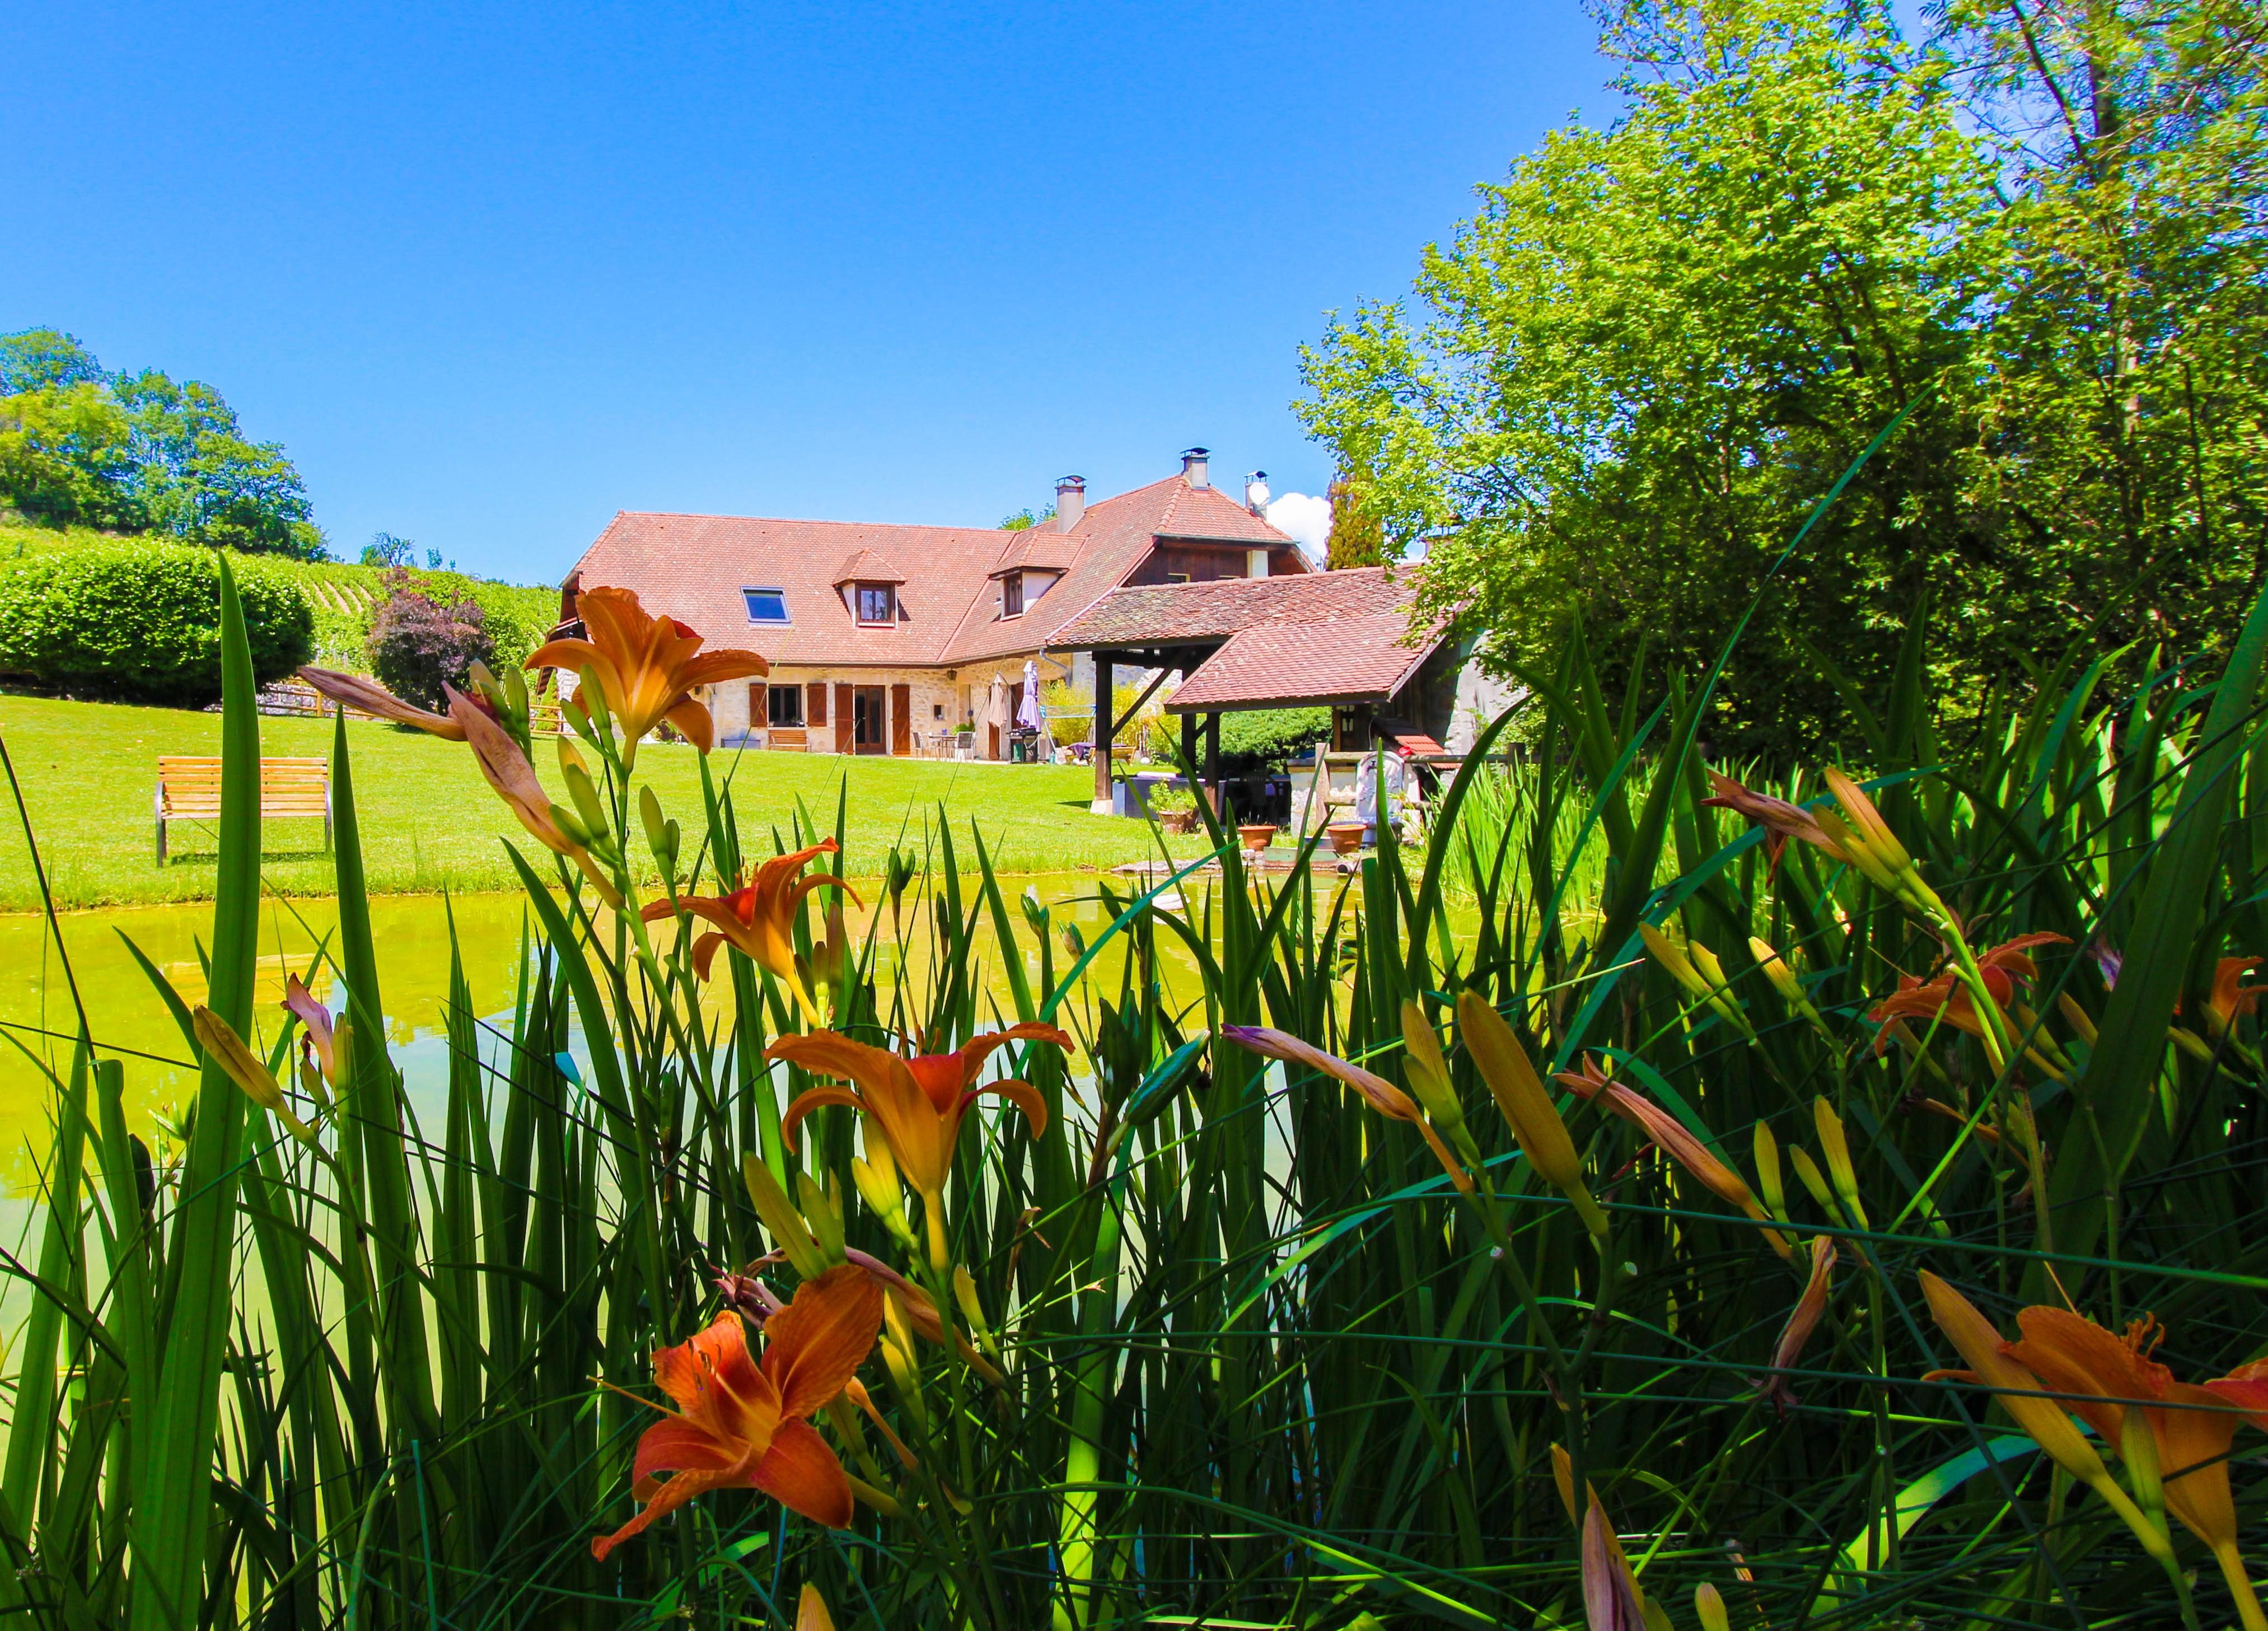 L'étang de la Tourne - Maison avec l'étang fleuri